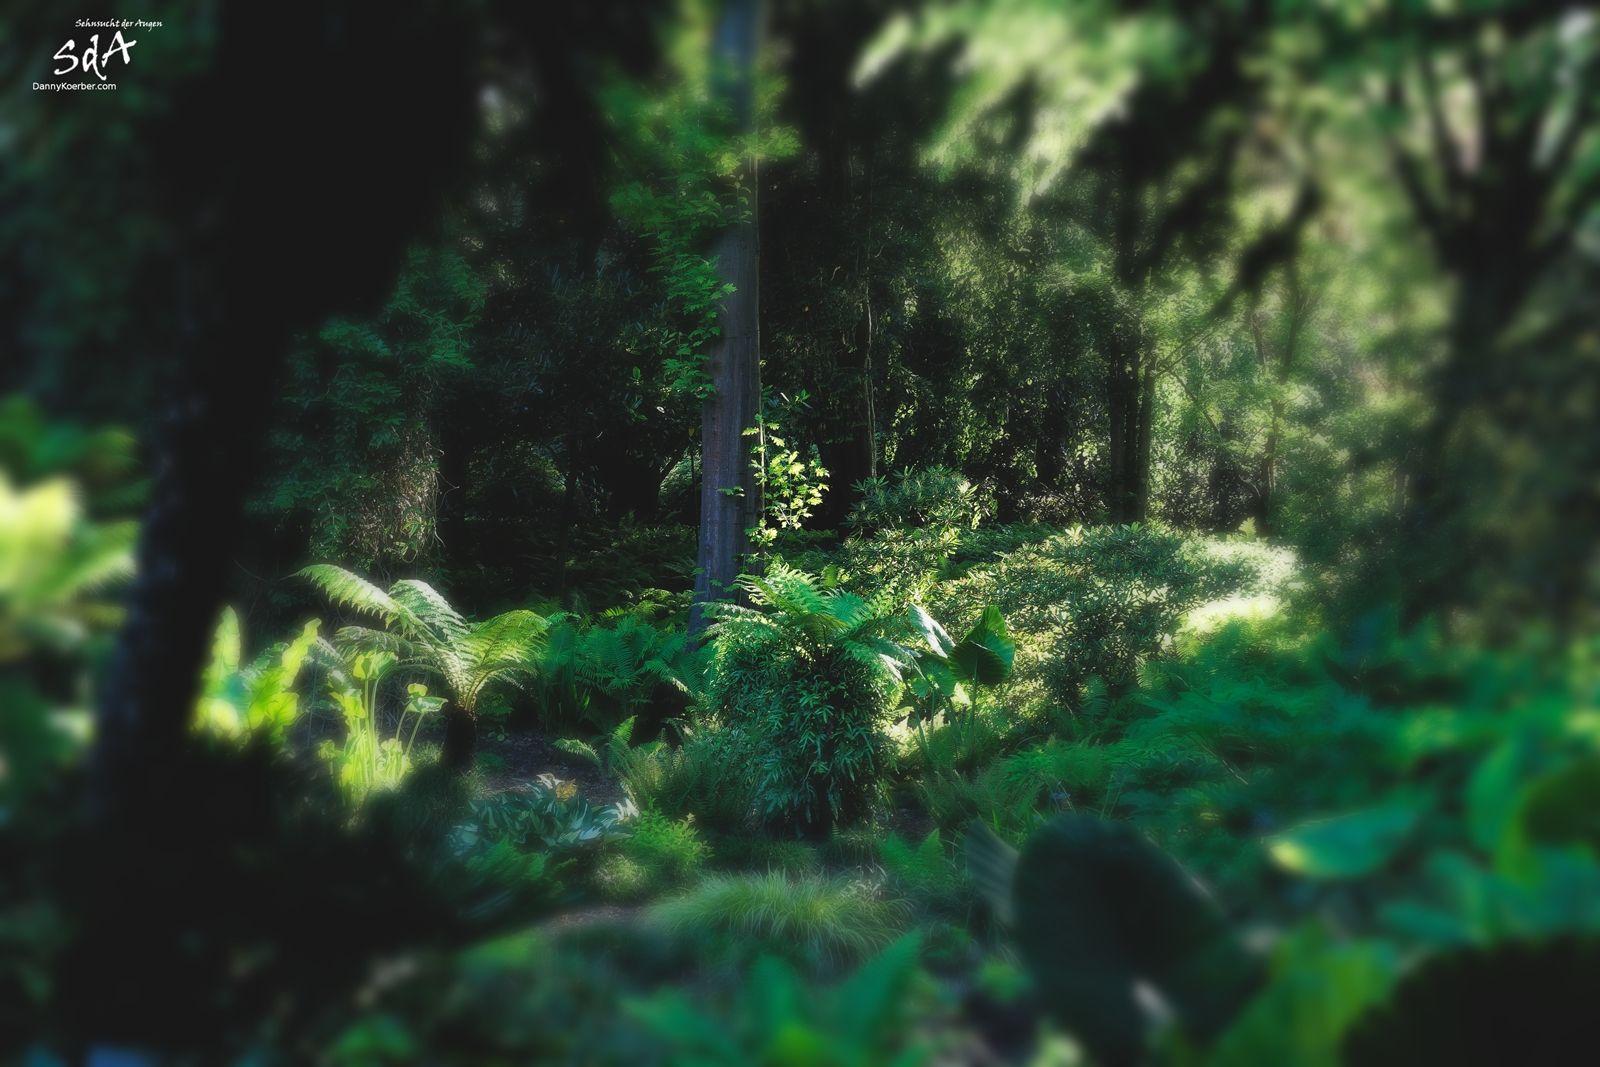 Ein ruhiger Tag. Urwald in Hamburg, fotografiert im botanischen Garten Hamburg von Danny Koerber.